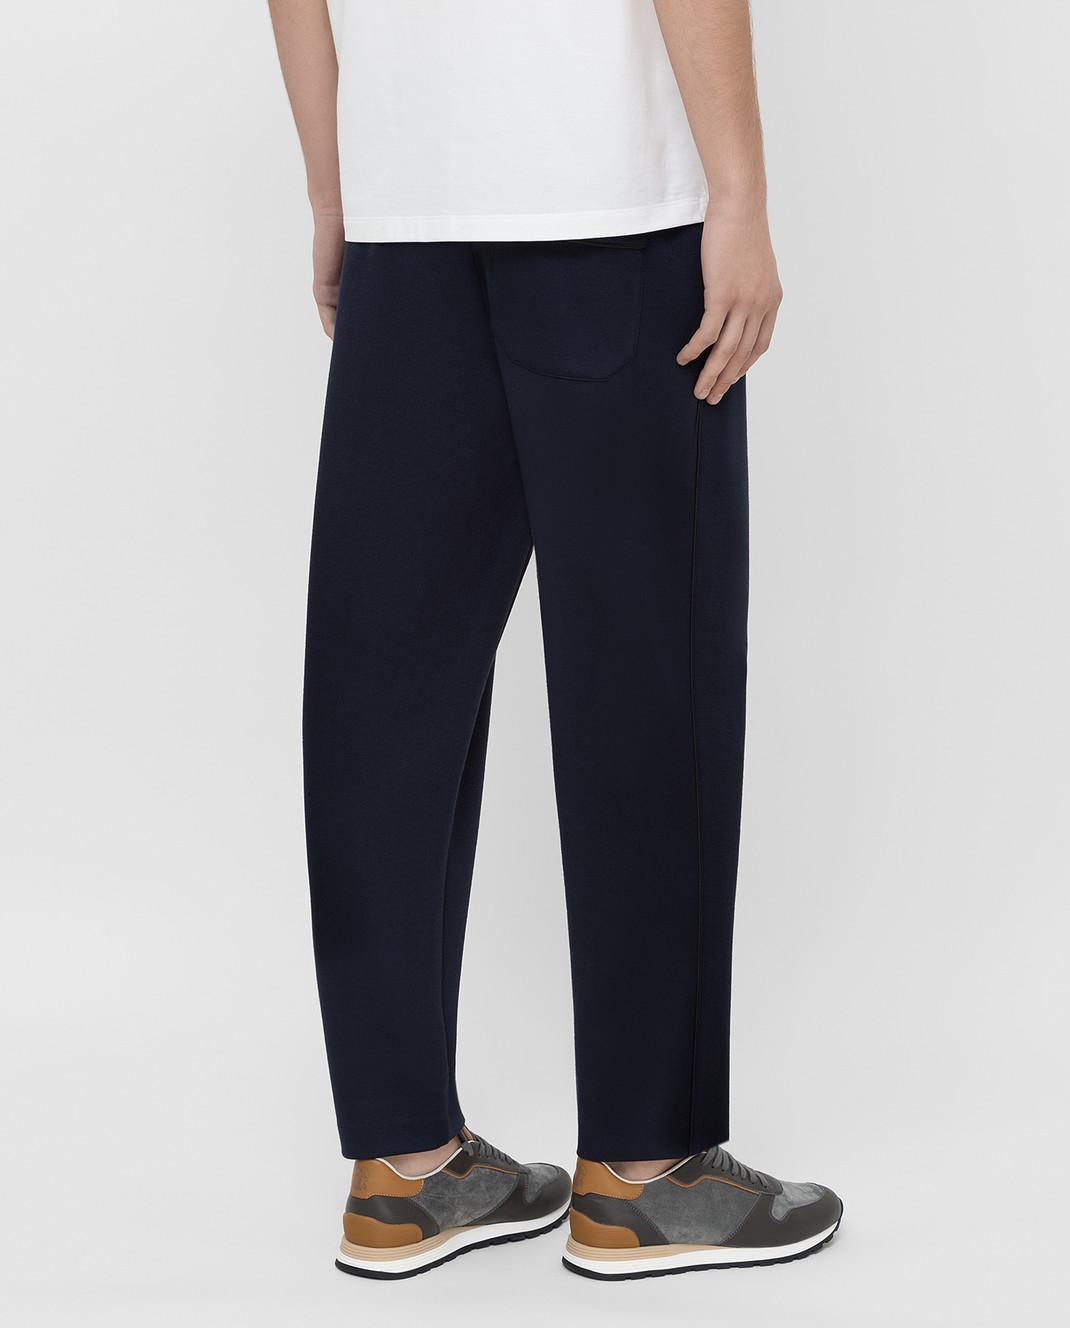 Moncler Темно-синие спортивные брюки 1146600829FC изображение 4